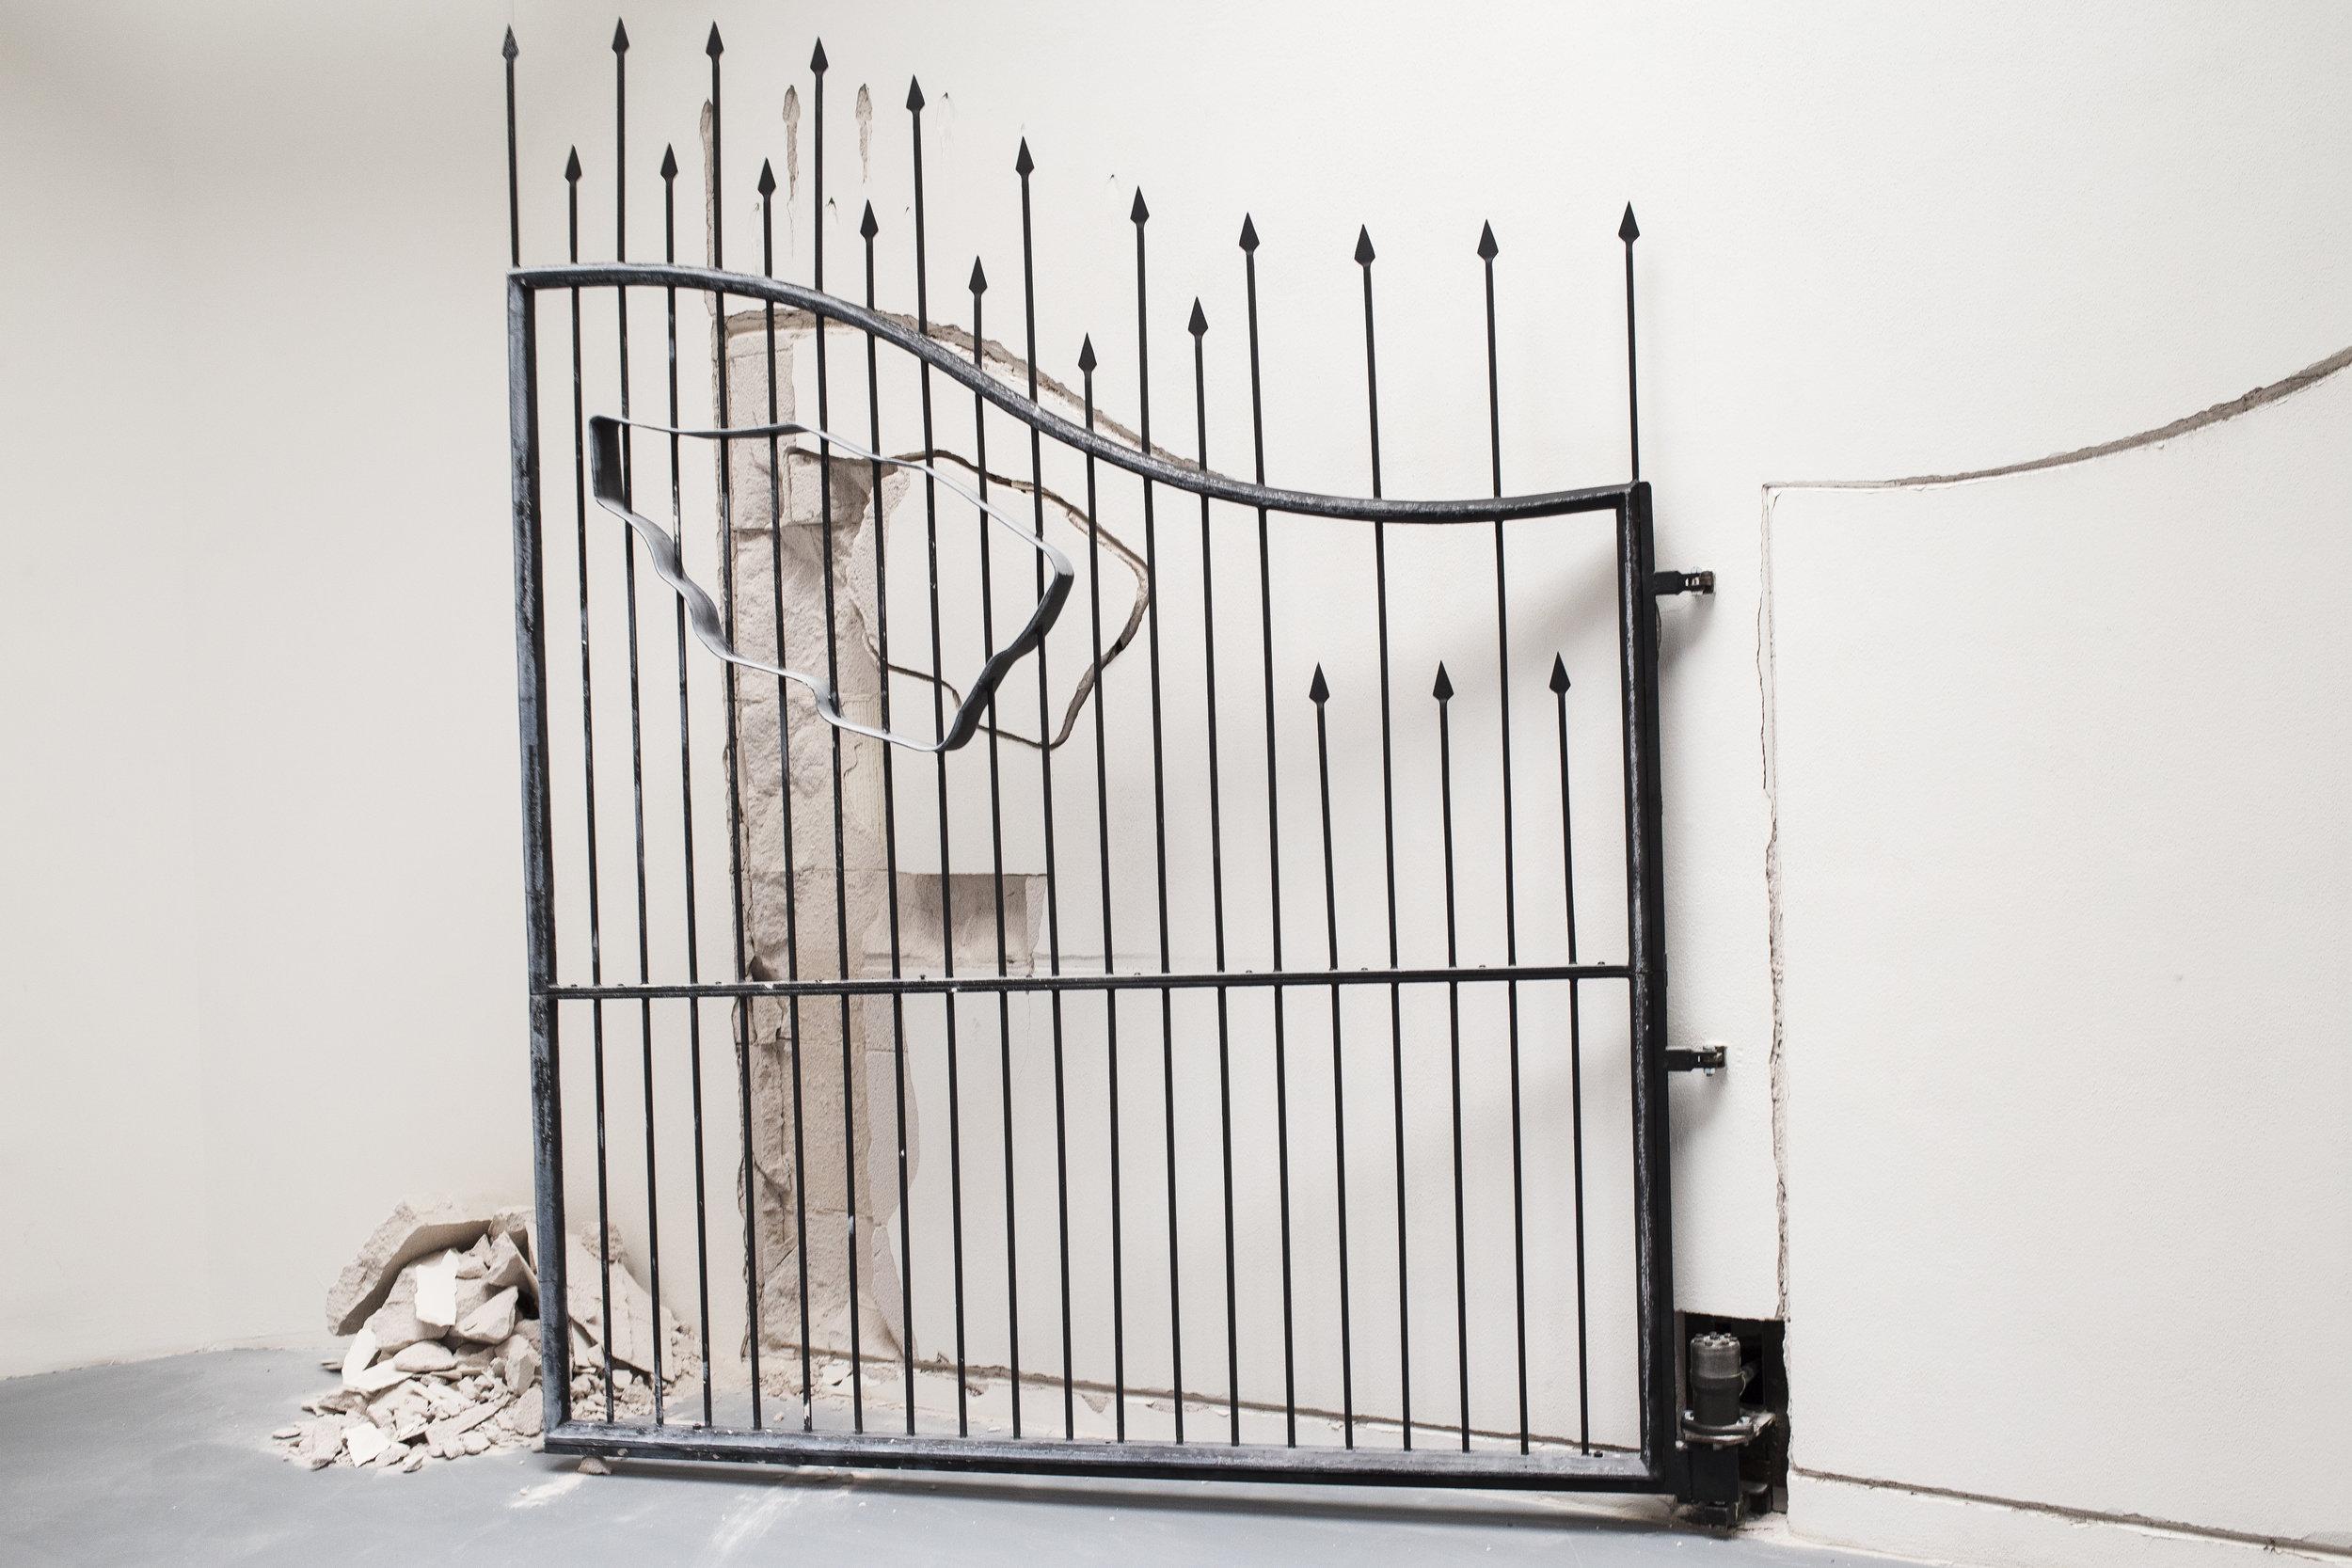 Untitled  (2009) by Shilpa Gupta. Photo by Francesco Galli. Courtesy the artist, La Biennale di Venezia.